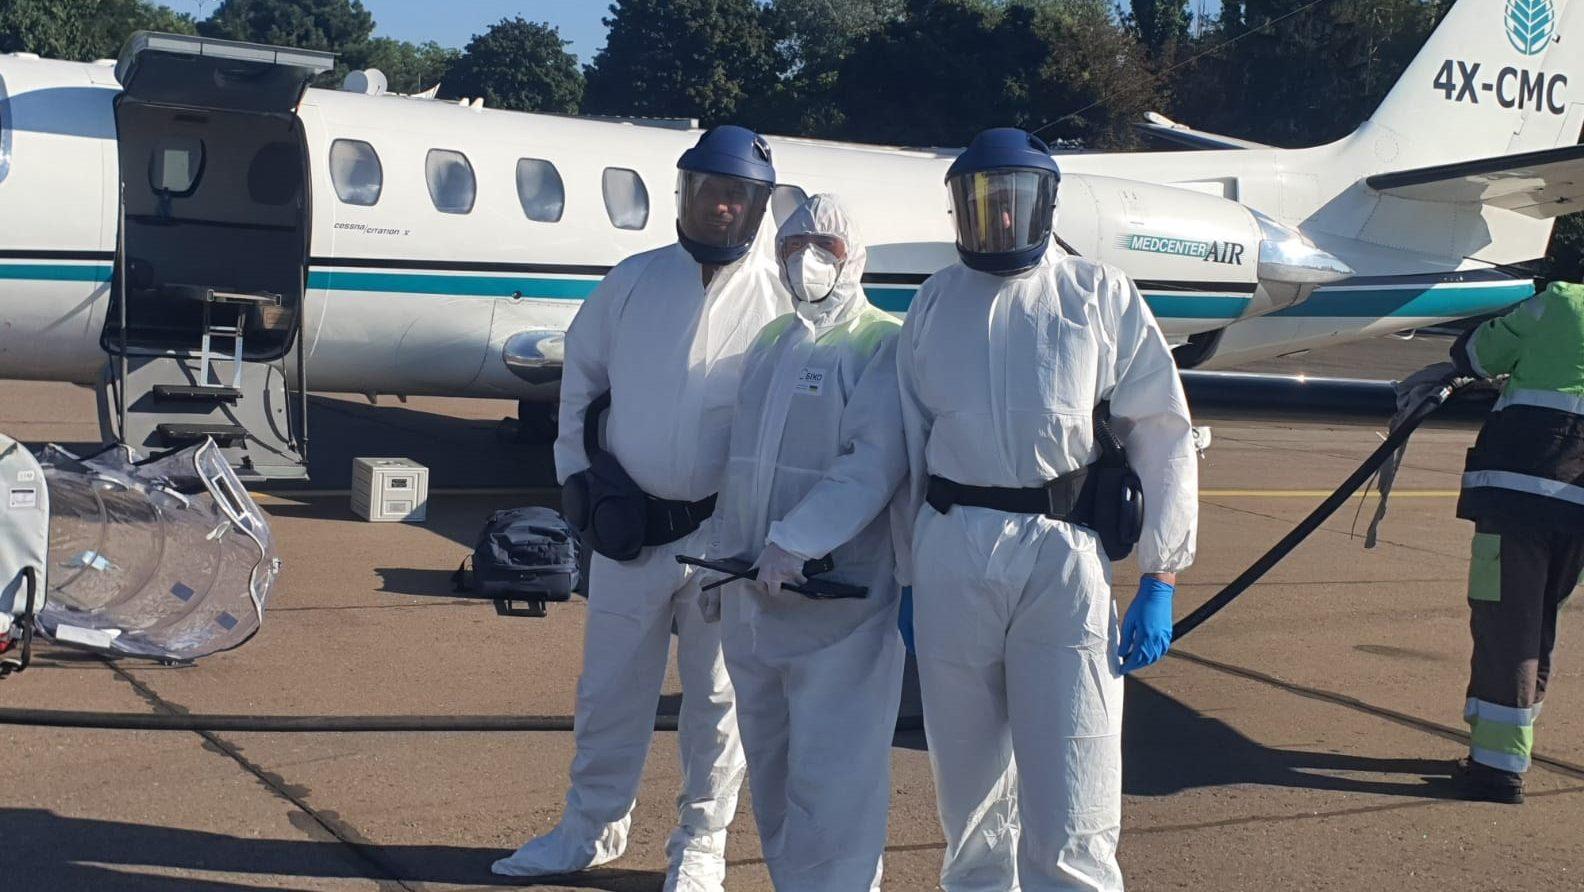 כלל ביטוח ביצעה טיסת חילוץ בראש השנה (ג') לאומן, למבוטח שנמצא חיובי לקורונה